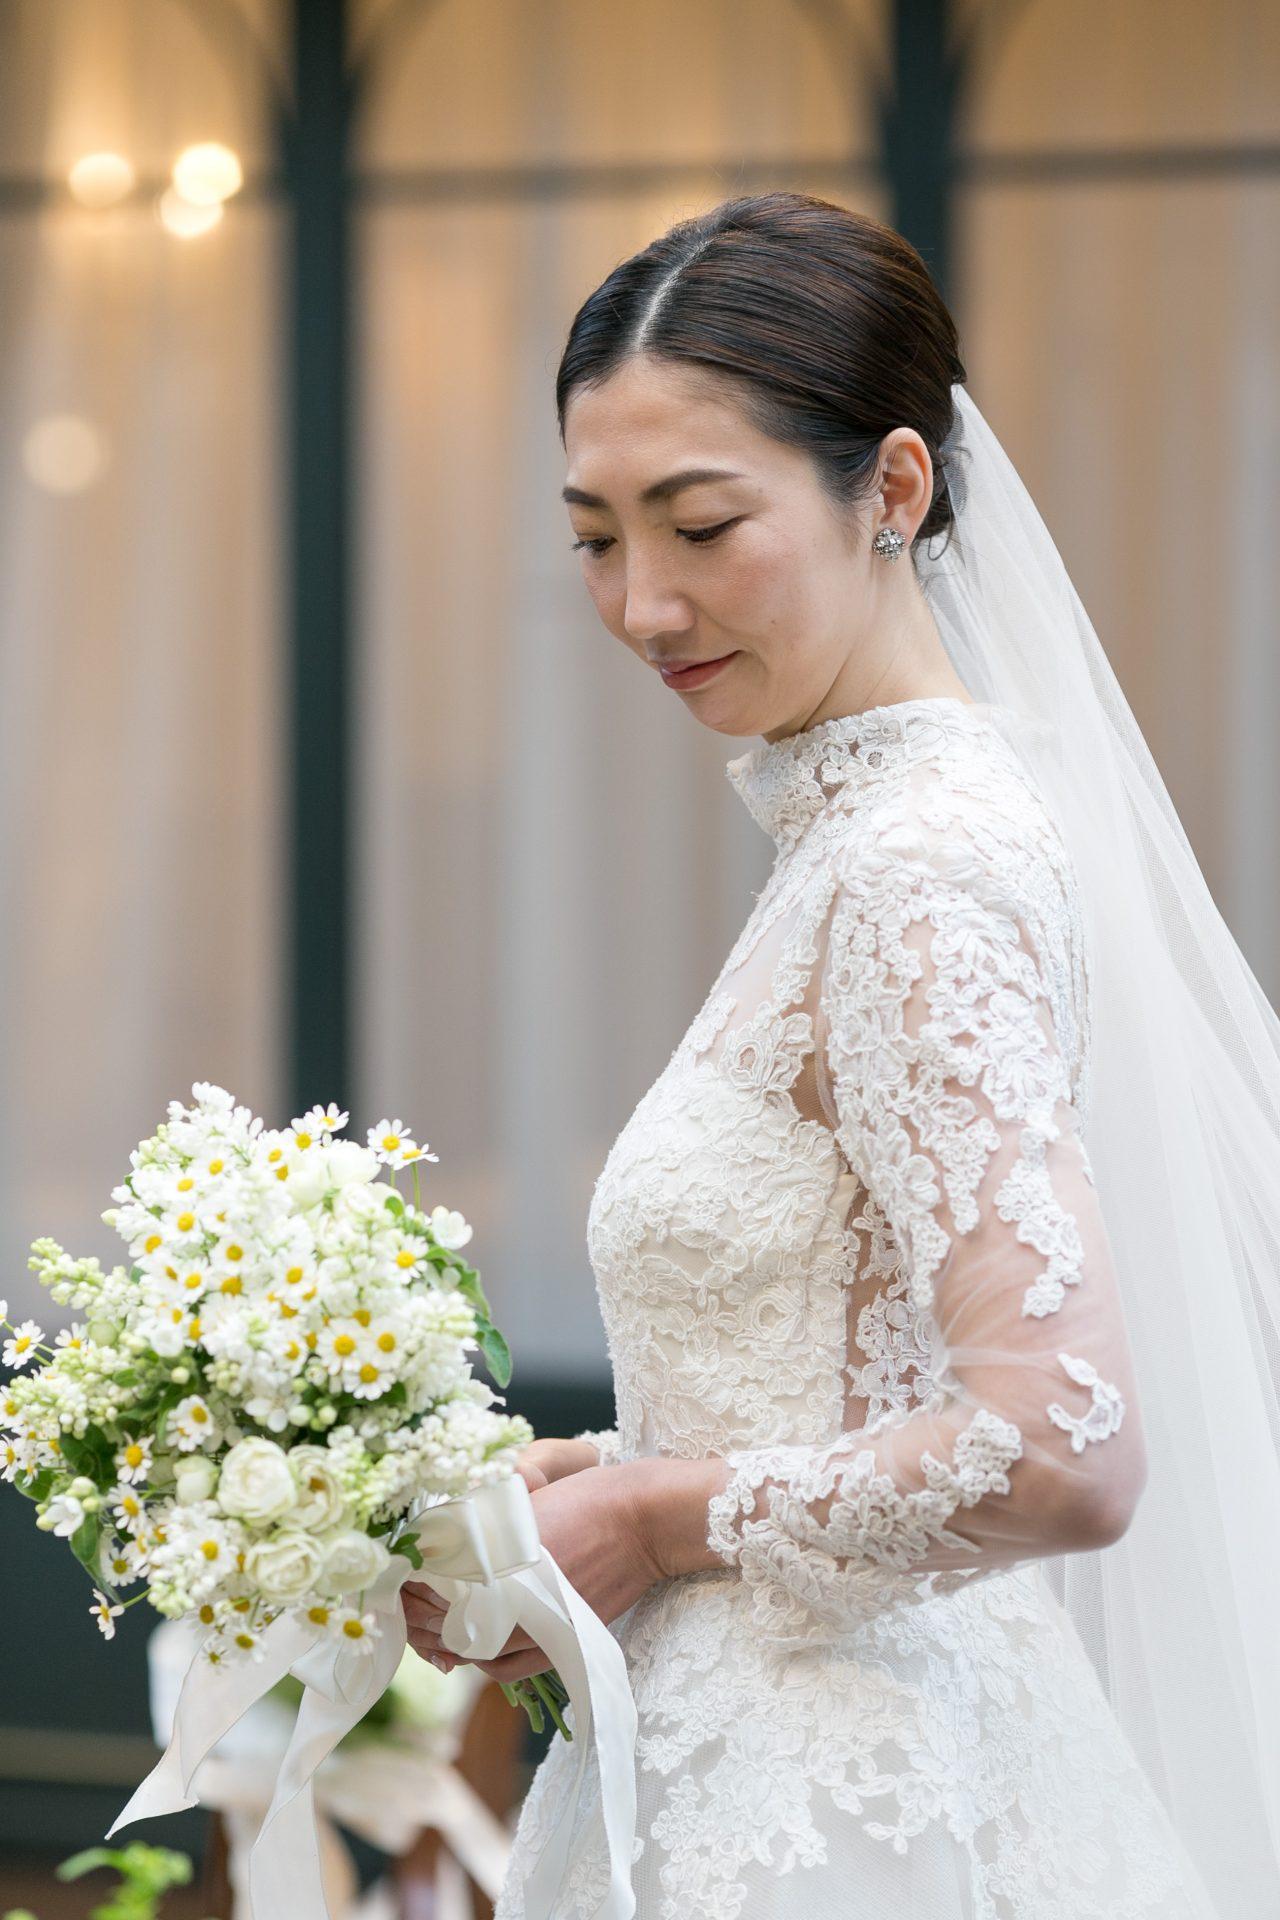 ニューヨークの人気ブランドであるリームアクラの長袖のウェディングドレスはクラシカルとモードをかけ合わせた雰囲気のある凛とした花嫁様にお似合いです